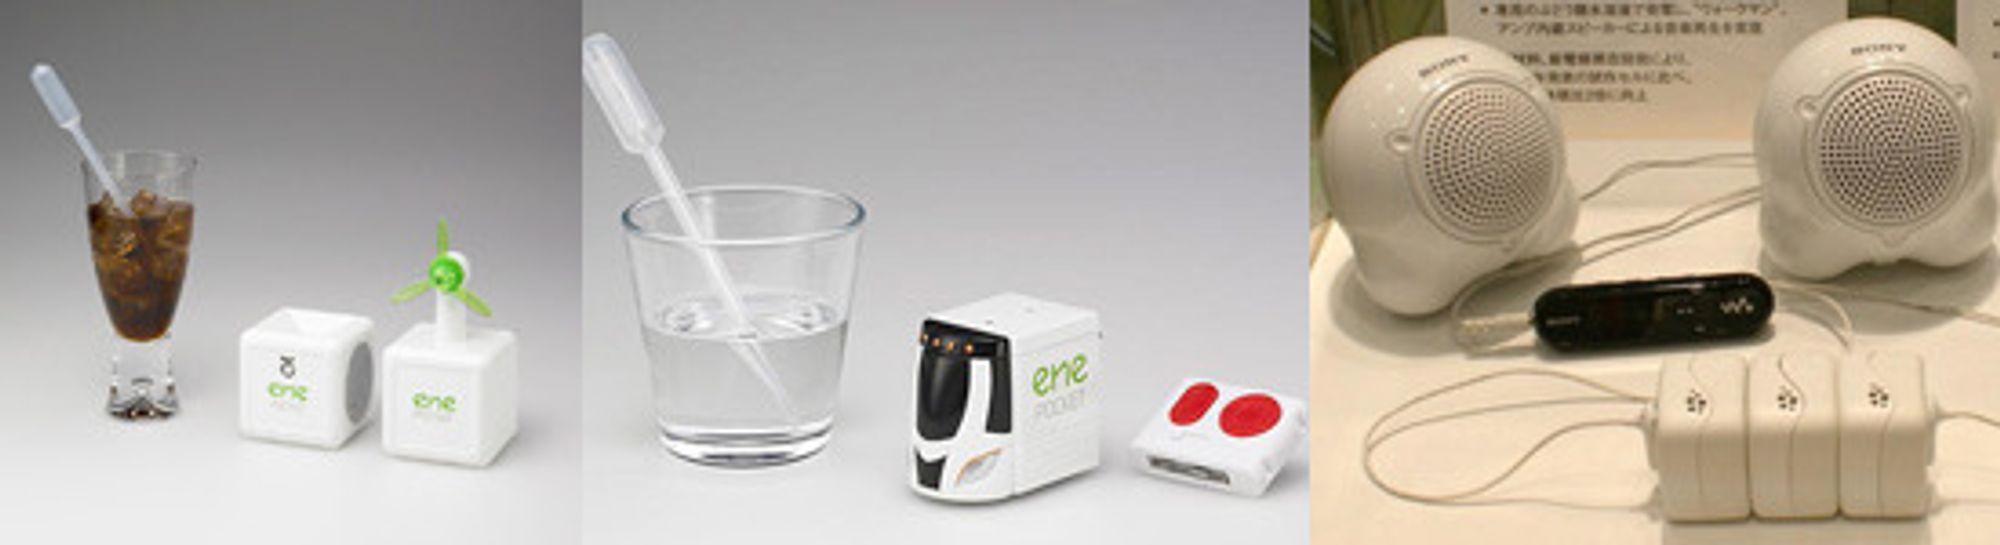 Fra tidligere demonstrasjoner av biobatteriet: En propell går på cola, en fjernstyring til en lekebil går på sukkervann, tre biobatterier driver en MP3-spiller med høyttalere.